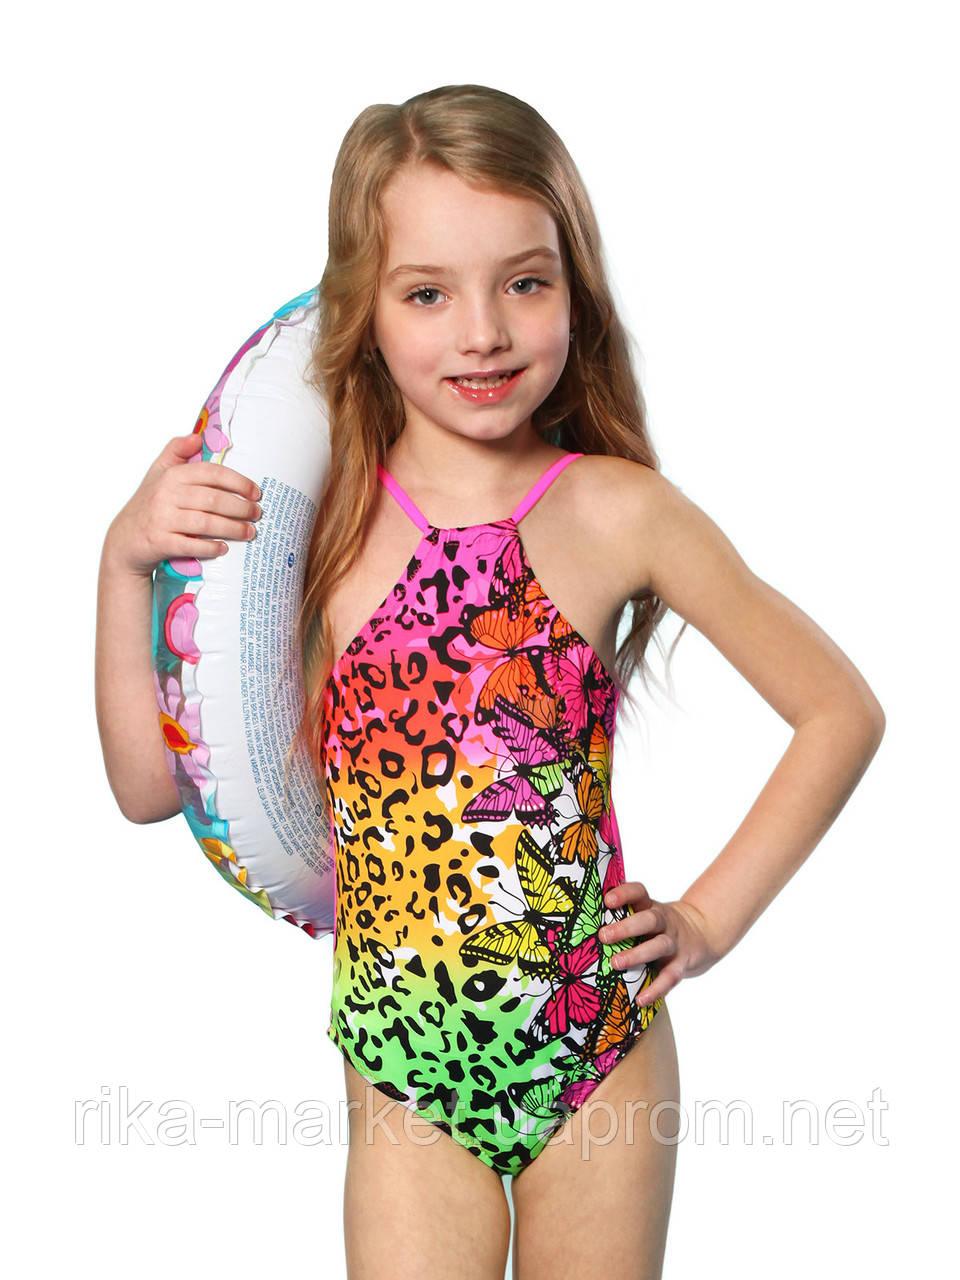 Сдельный купальник для девочки Keyzi, от 7 до 11 лет, Colorful 20